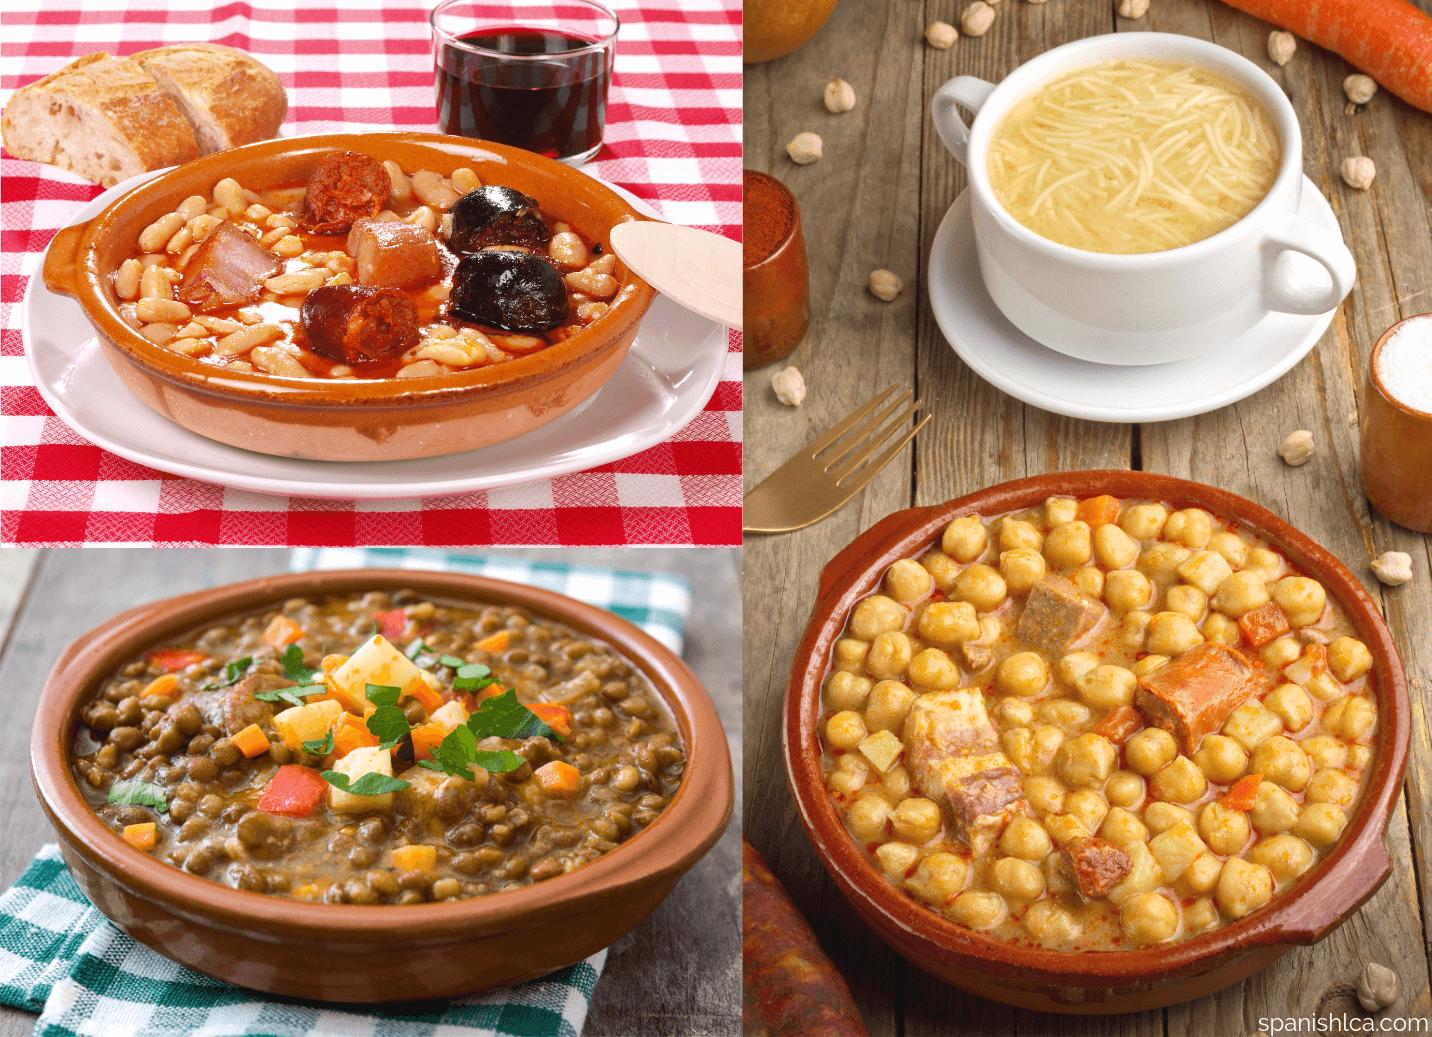 Fabada asturiana, cocido madrileño y lentejas a la riojana.